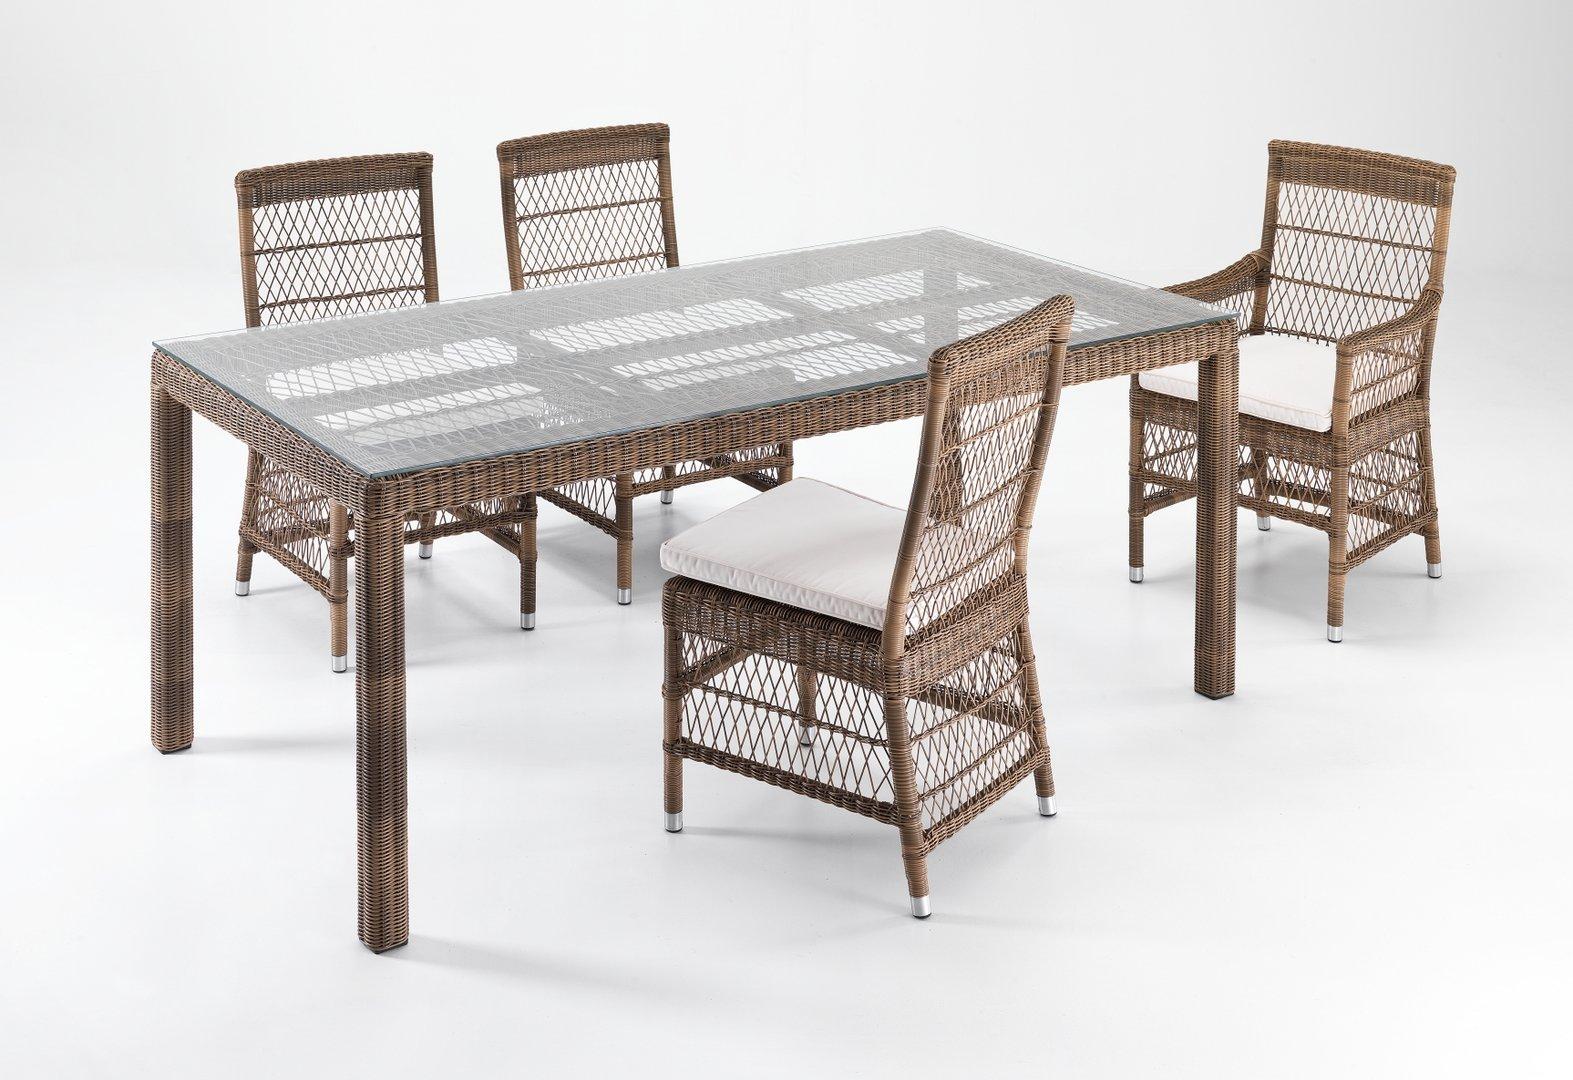 Tavolo rettangolare rattan sintetico etnico outlet mobili for Tavolo giardino prezzo